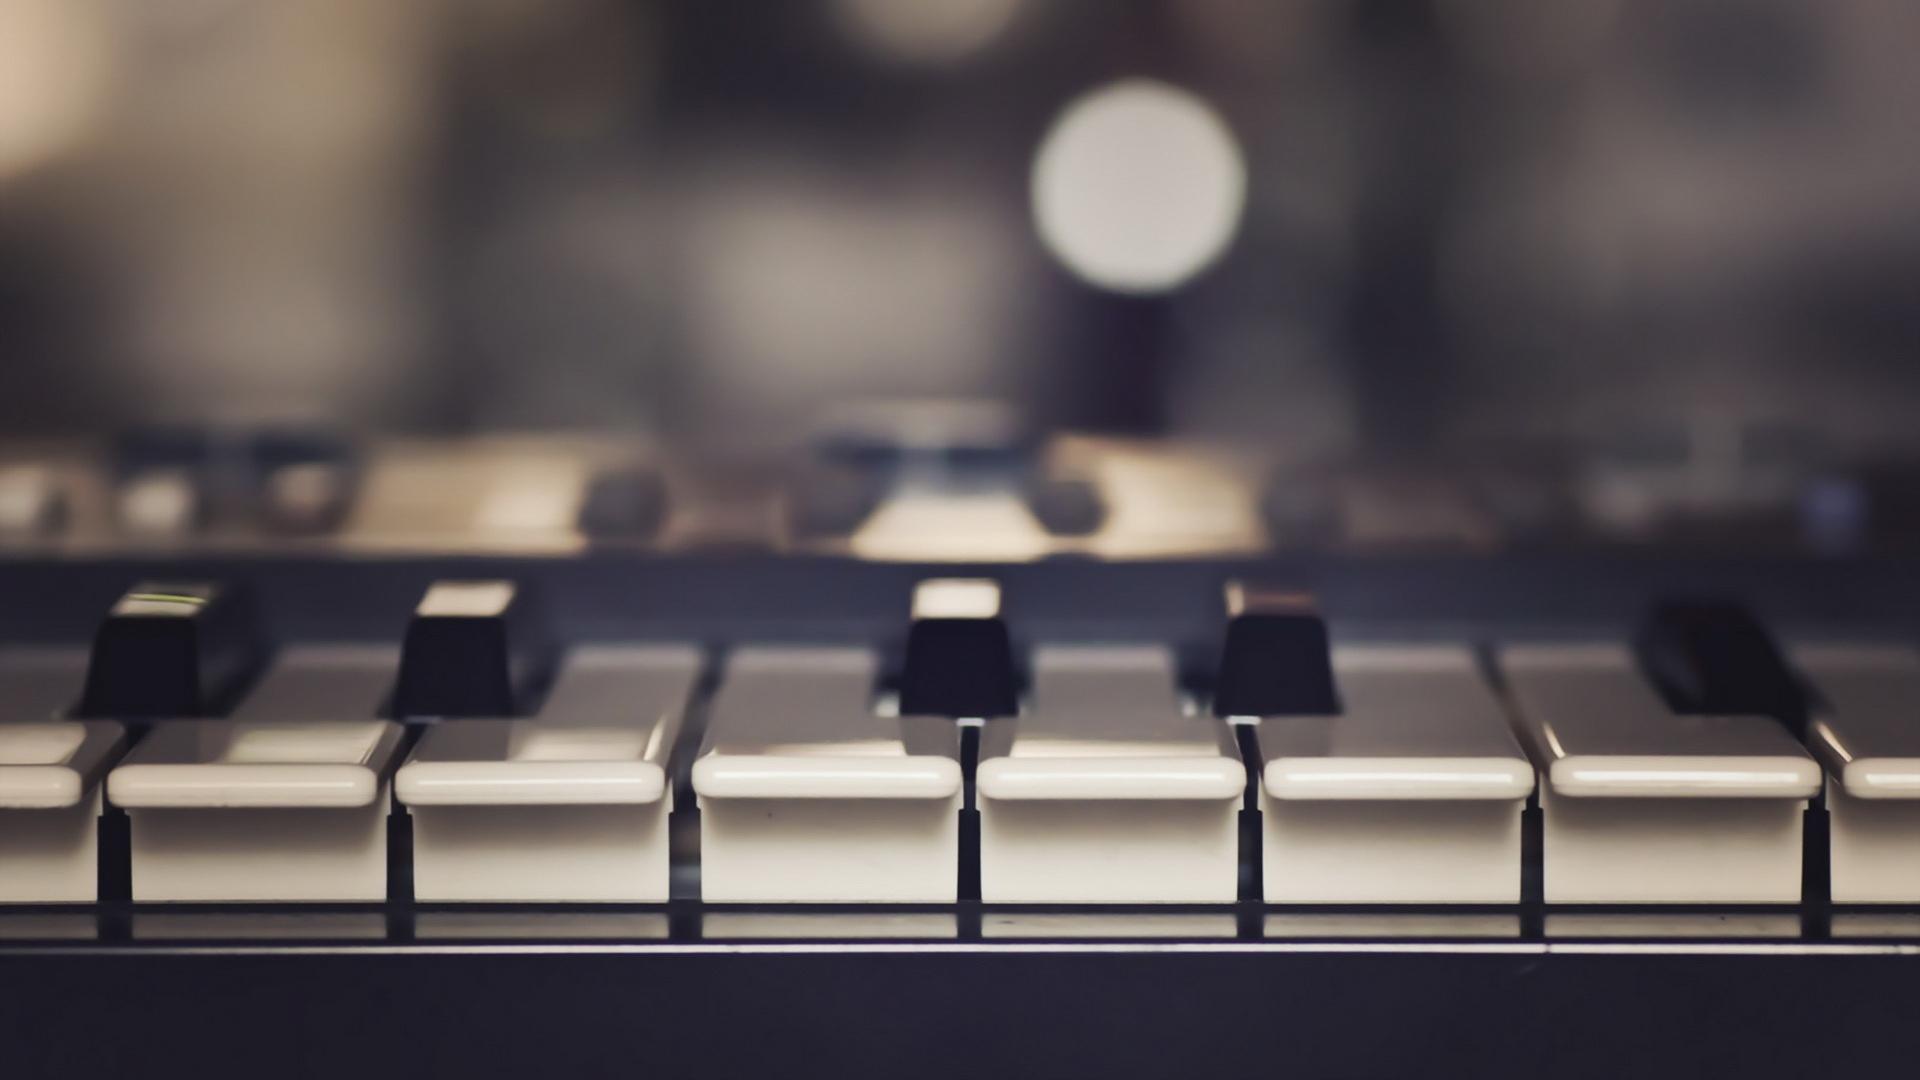 music desktop wallpaper 1920x1080